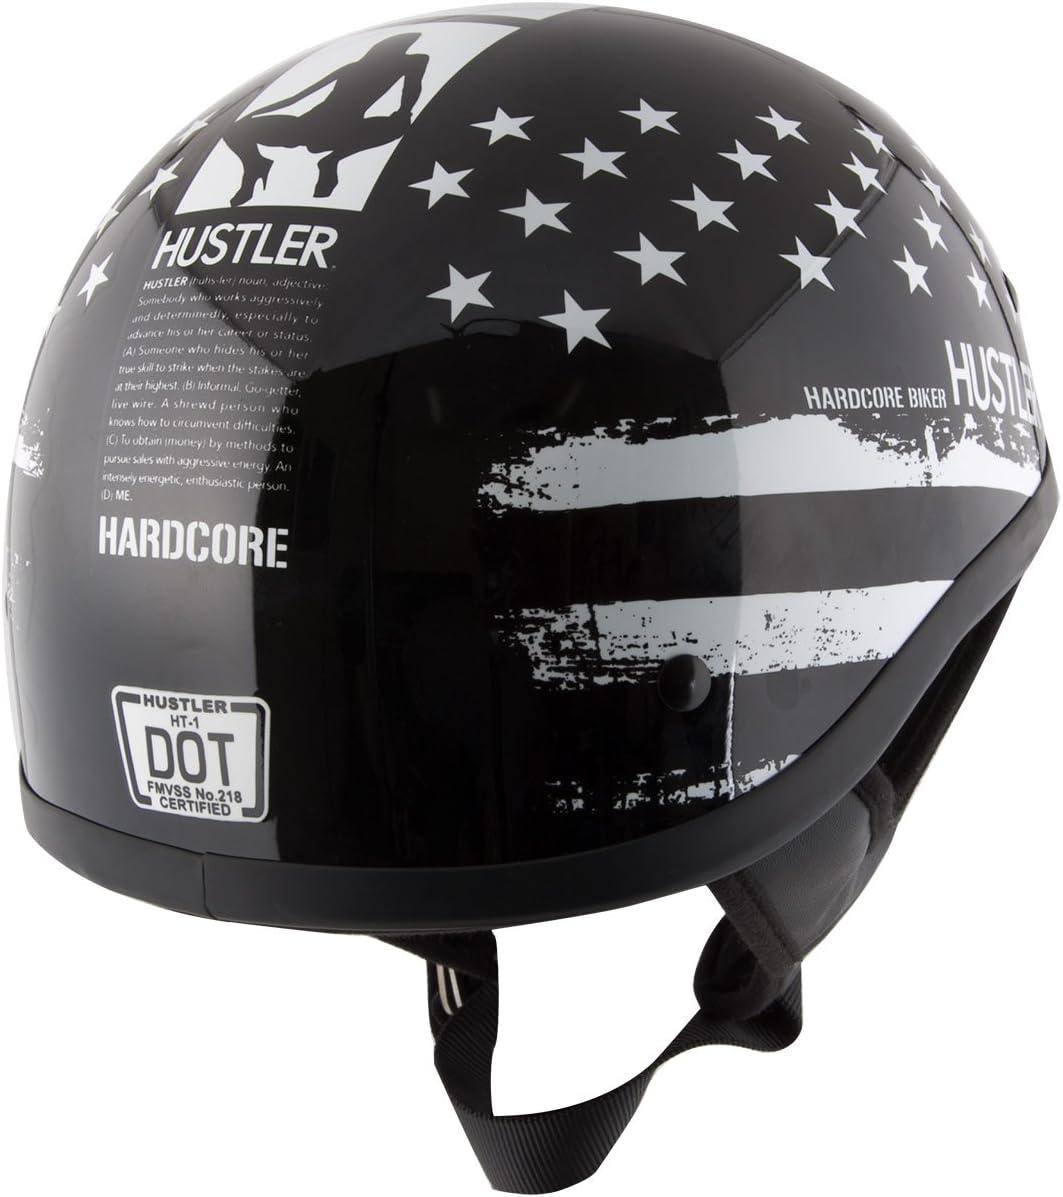 Hustler DOT HT-1 Black and White Mono Hustler Flag Glossy Skull Cap Helmet 2X-Large